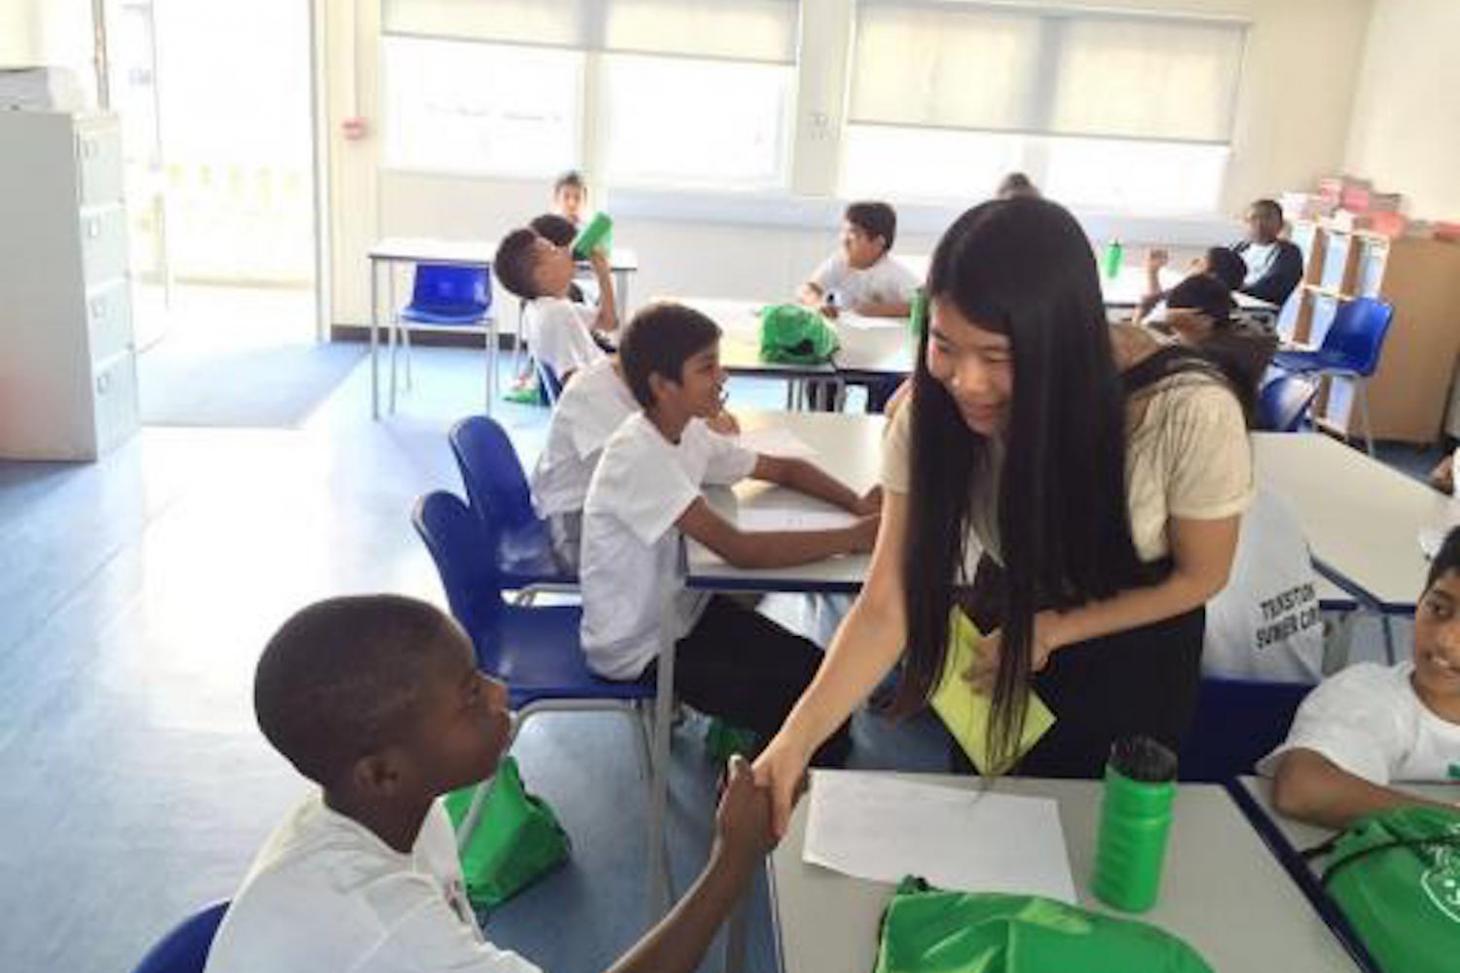 A Mandarin class at Ernest Bevin academy